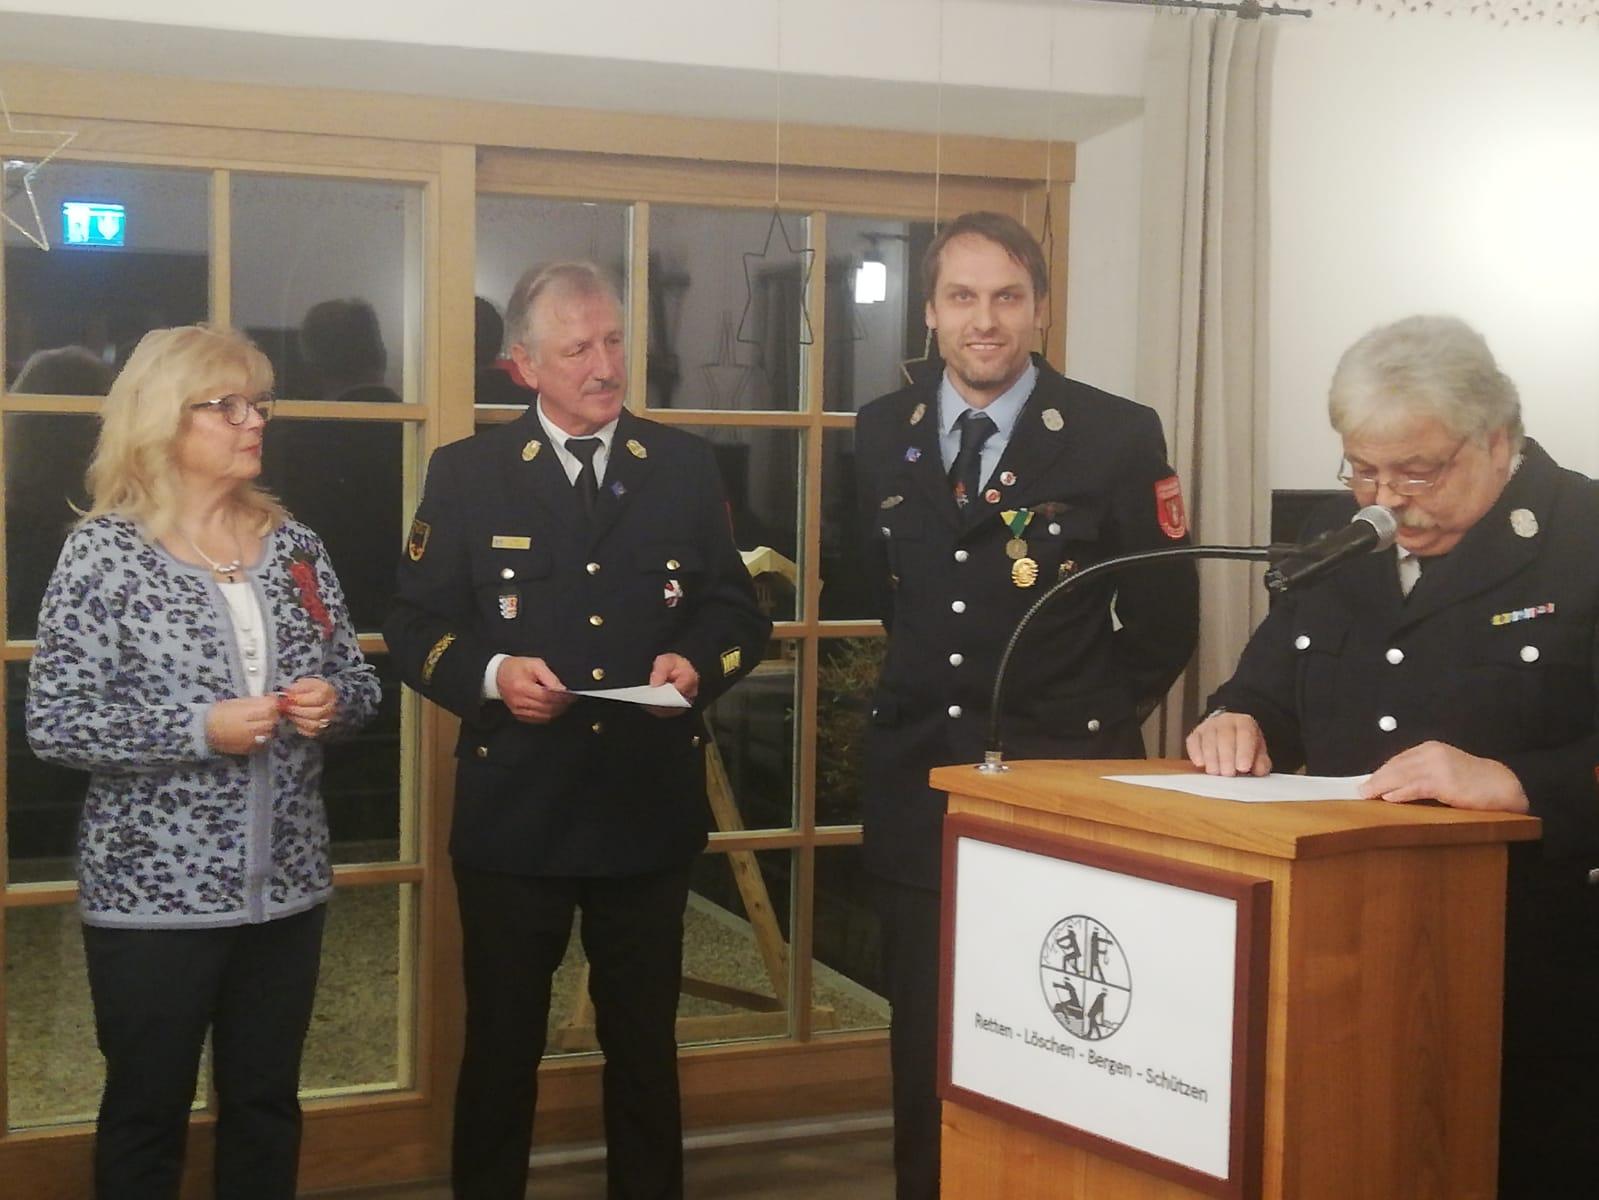 Feuerwehr Ehrenzeichen – Ehrung Lothar Ilg